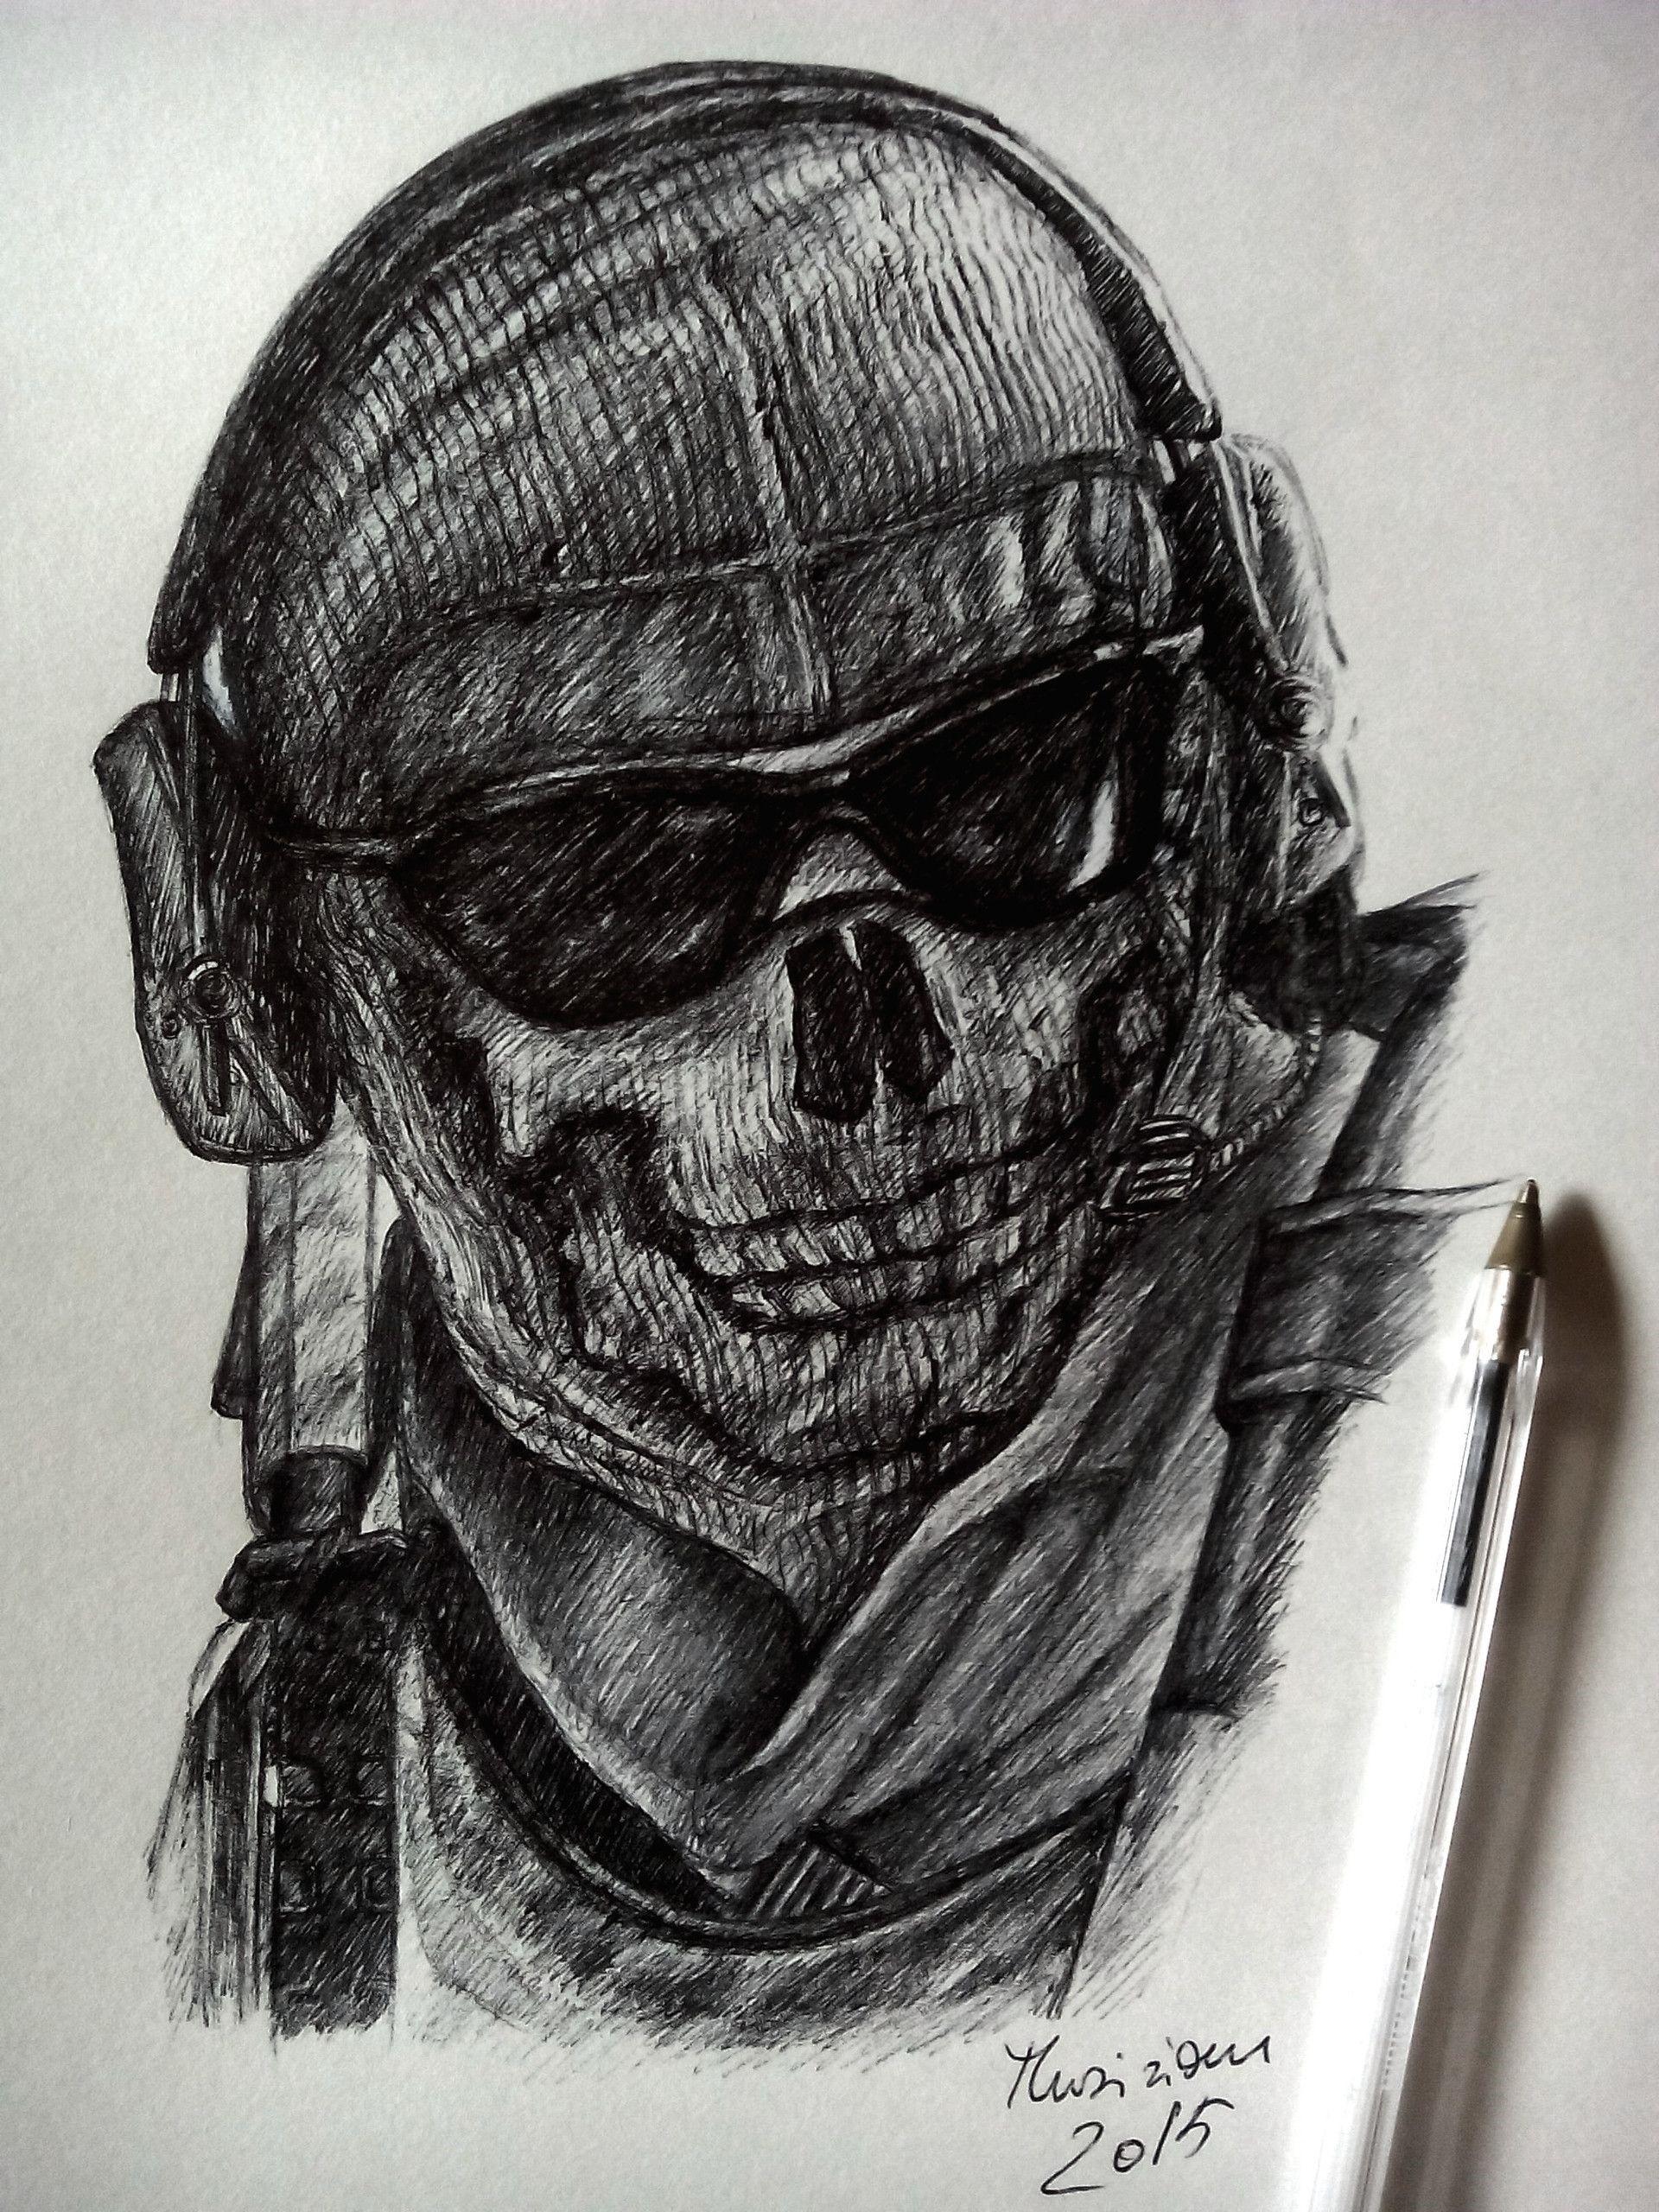 Call Of Duty Modern Warfare Call Of Duty Modern Warfare Pc Open Alpha Call Of Duty Call Off Duty Modern Warfare